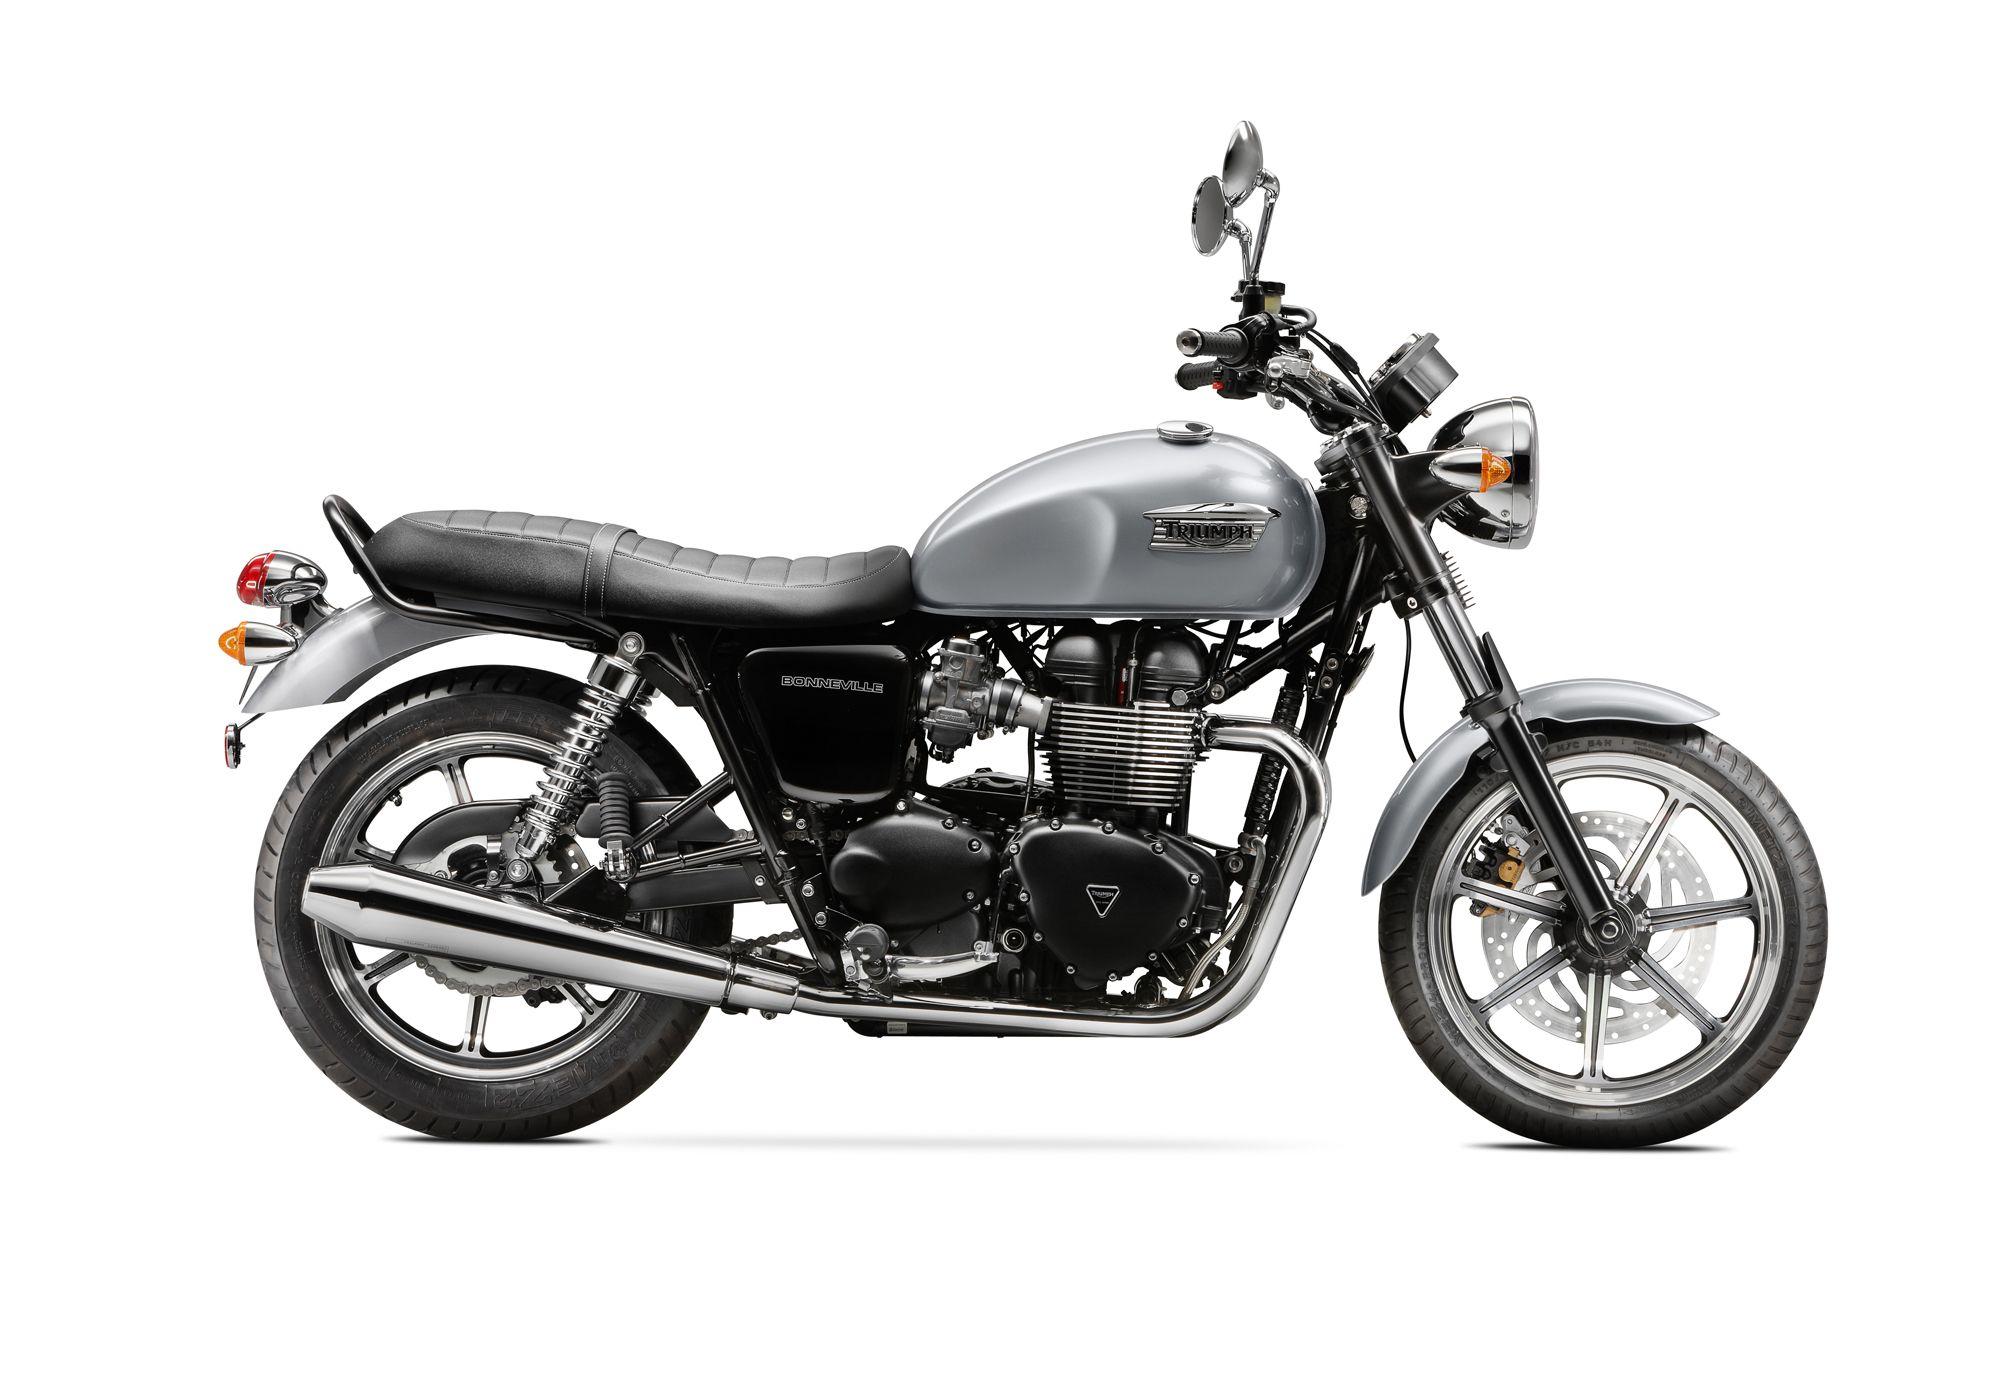 Gebrauchte Und Neue Triumph Bonneville Motorräder Kaufen